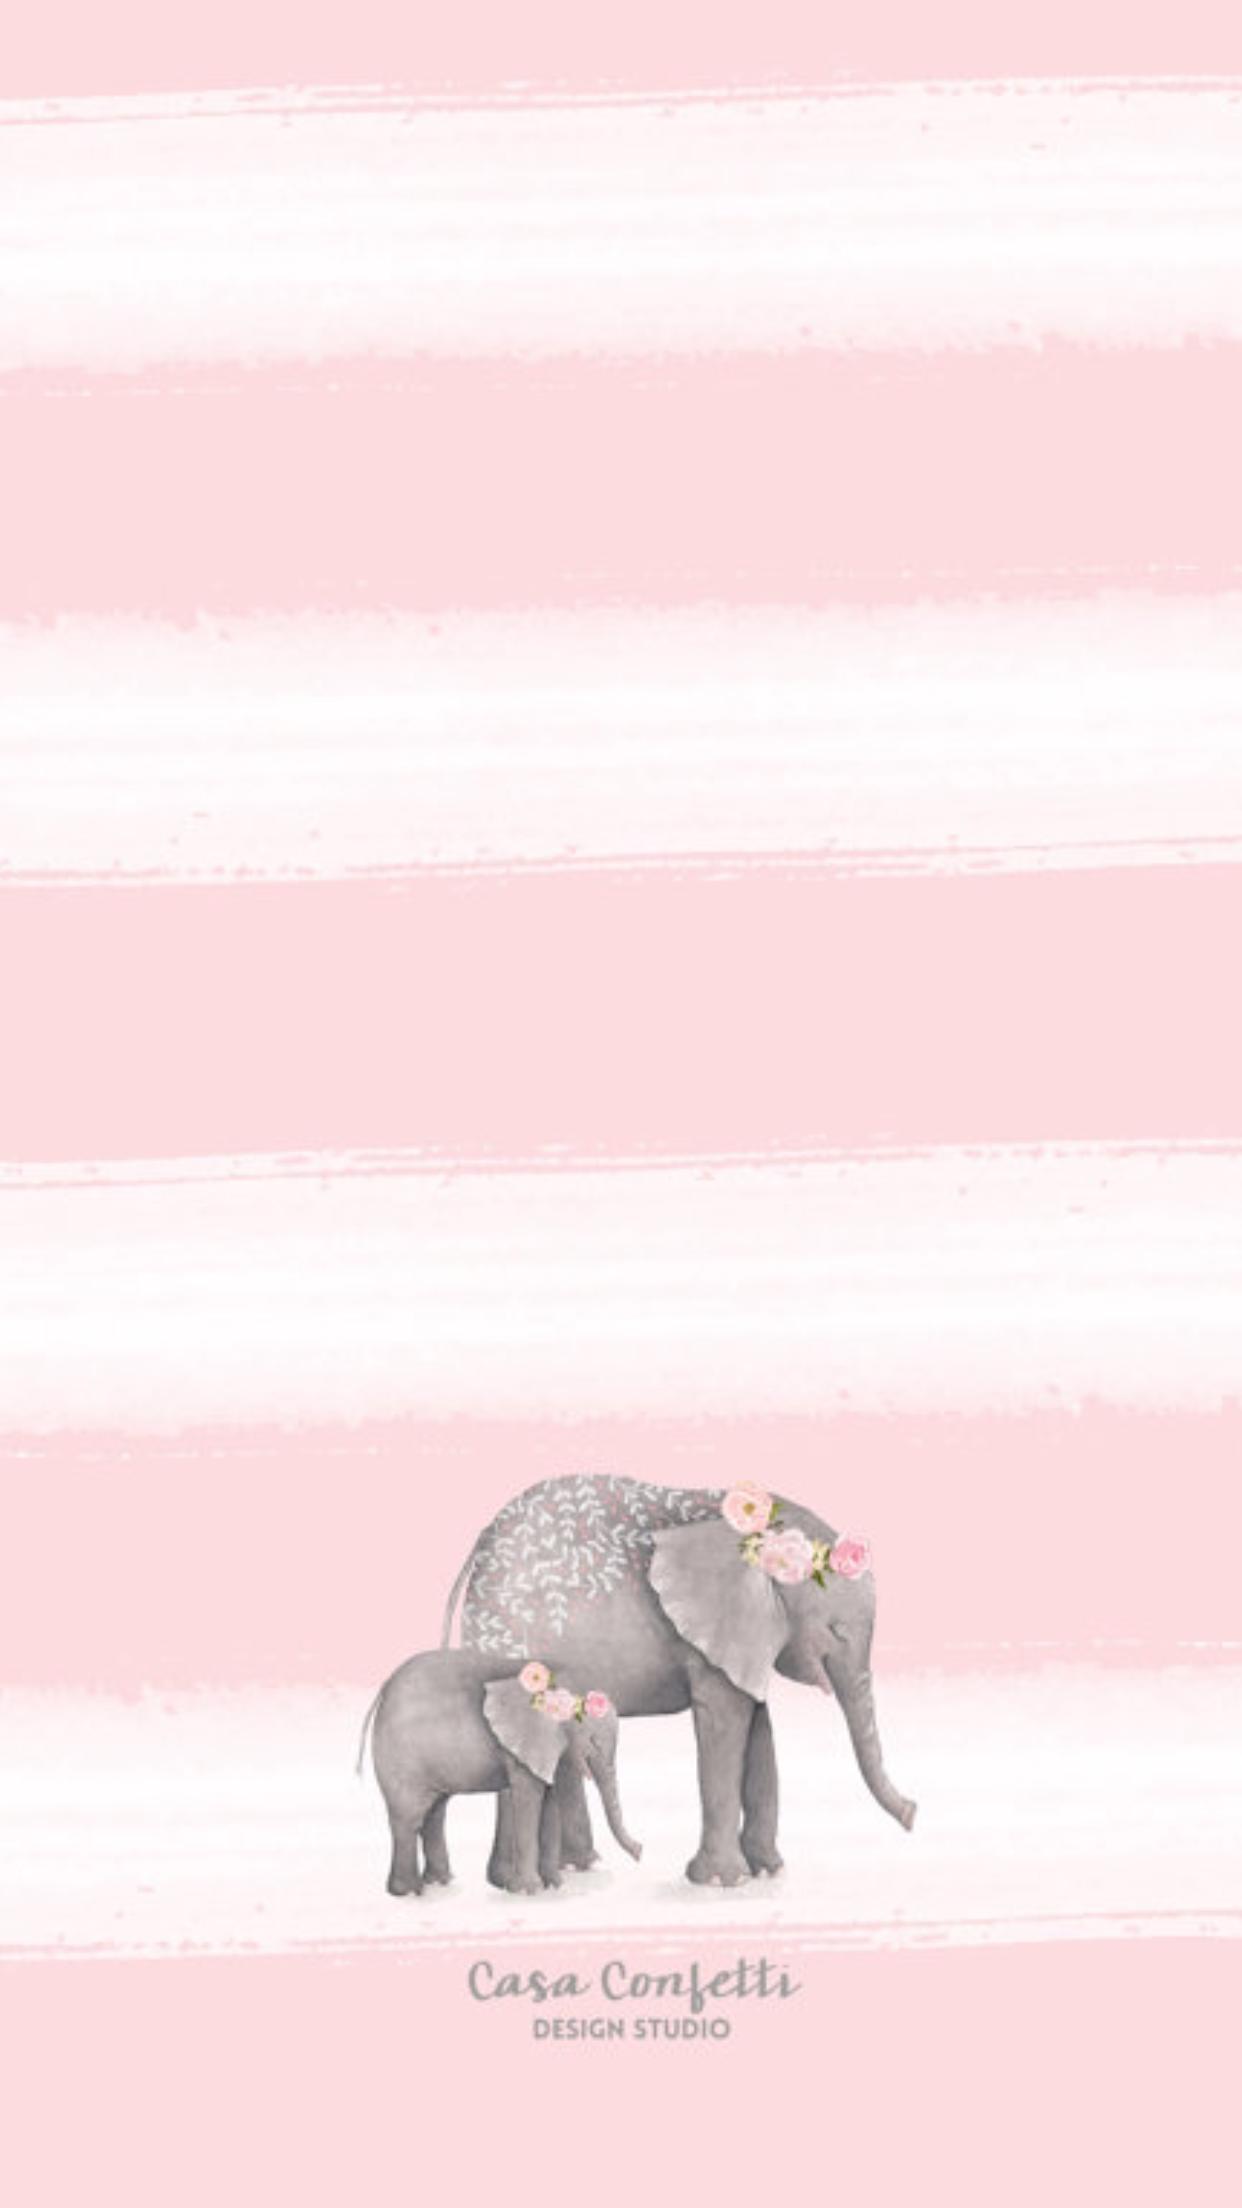 Baby Elephant Background : elephant, background, Carolina, Wallpapers, Vol.43, Elephant, Wallpaper,, Background,, Elephants, Shower